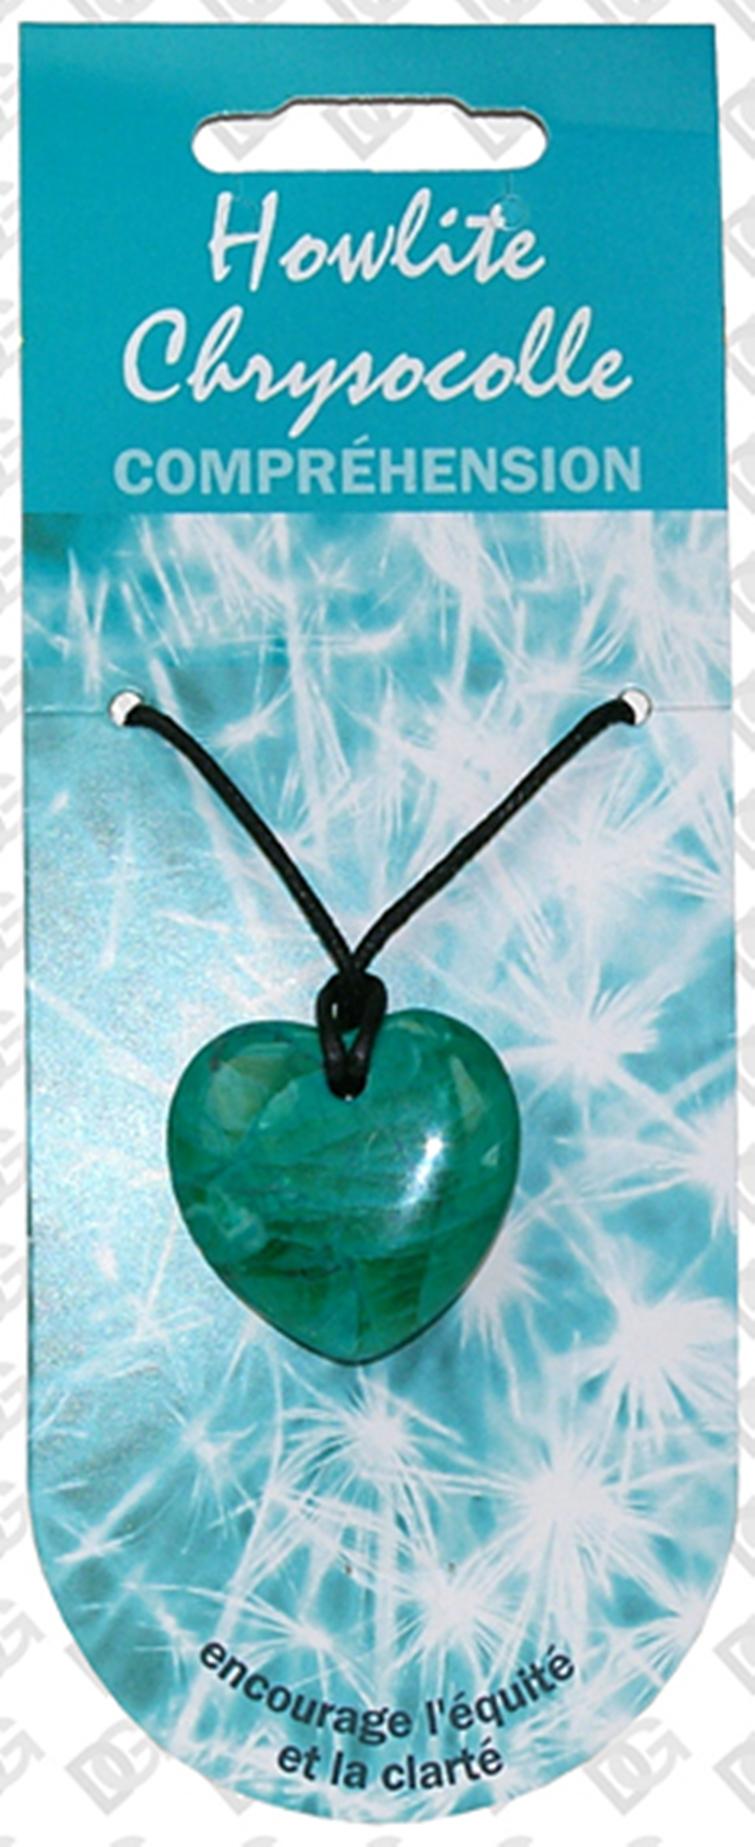 Pendentif Coeur en Howlite Chrysocolle - Vertu